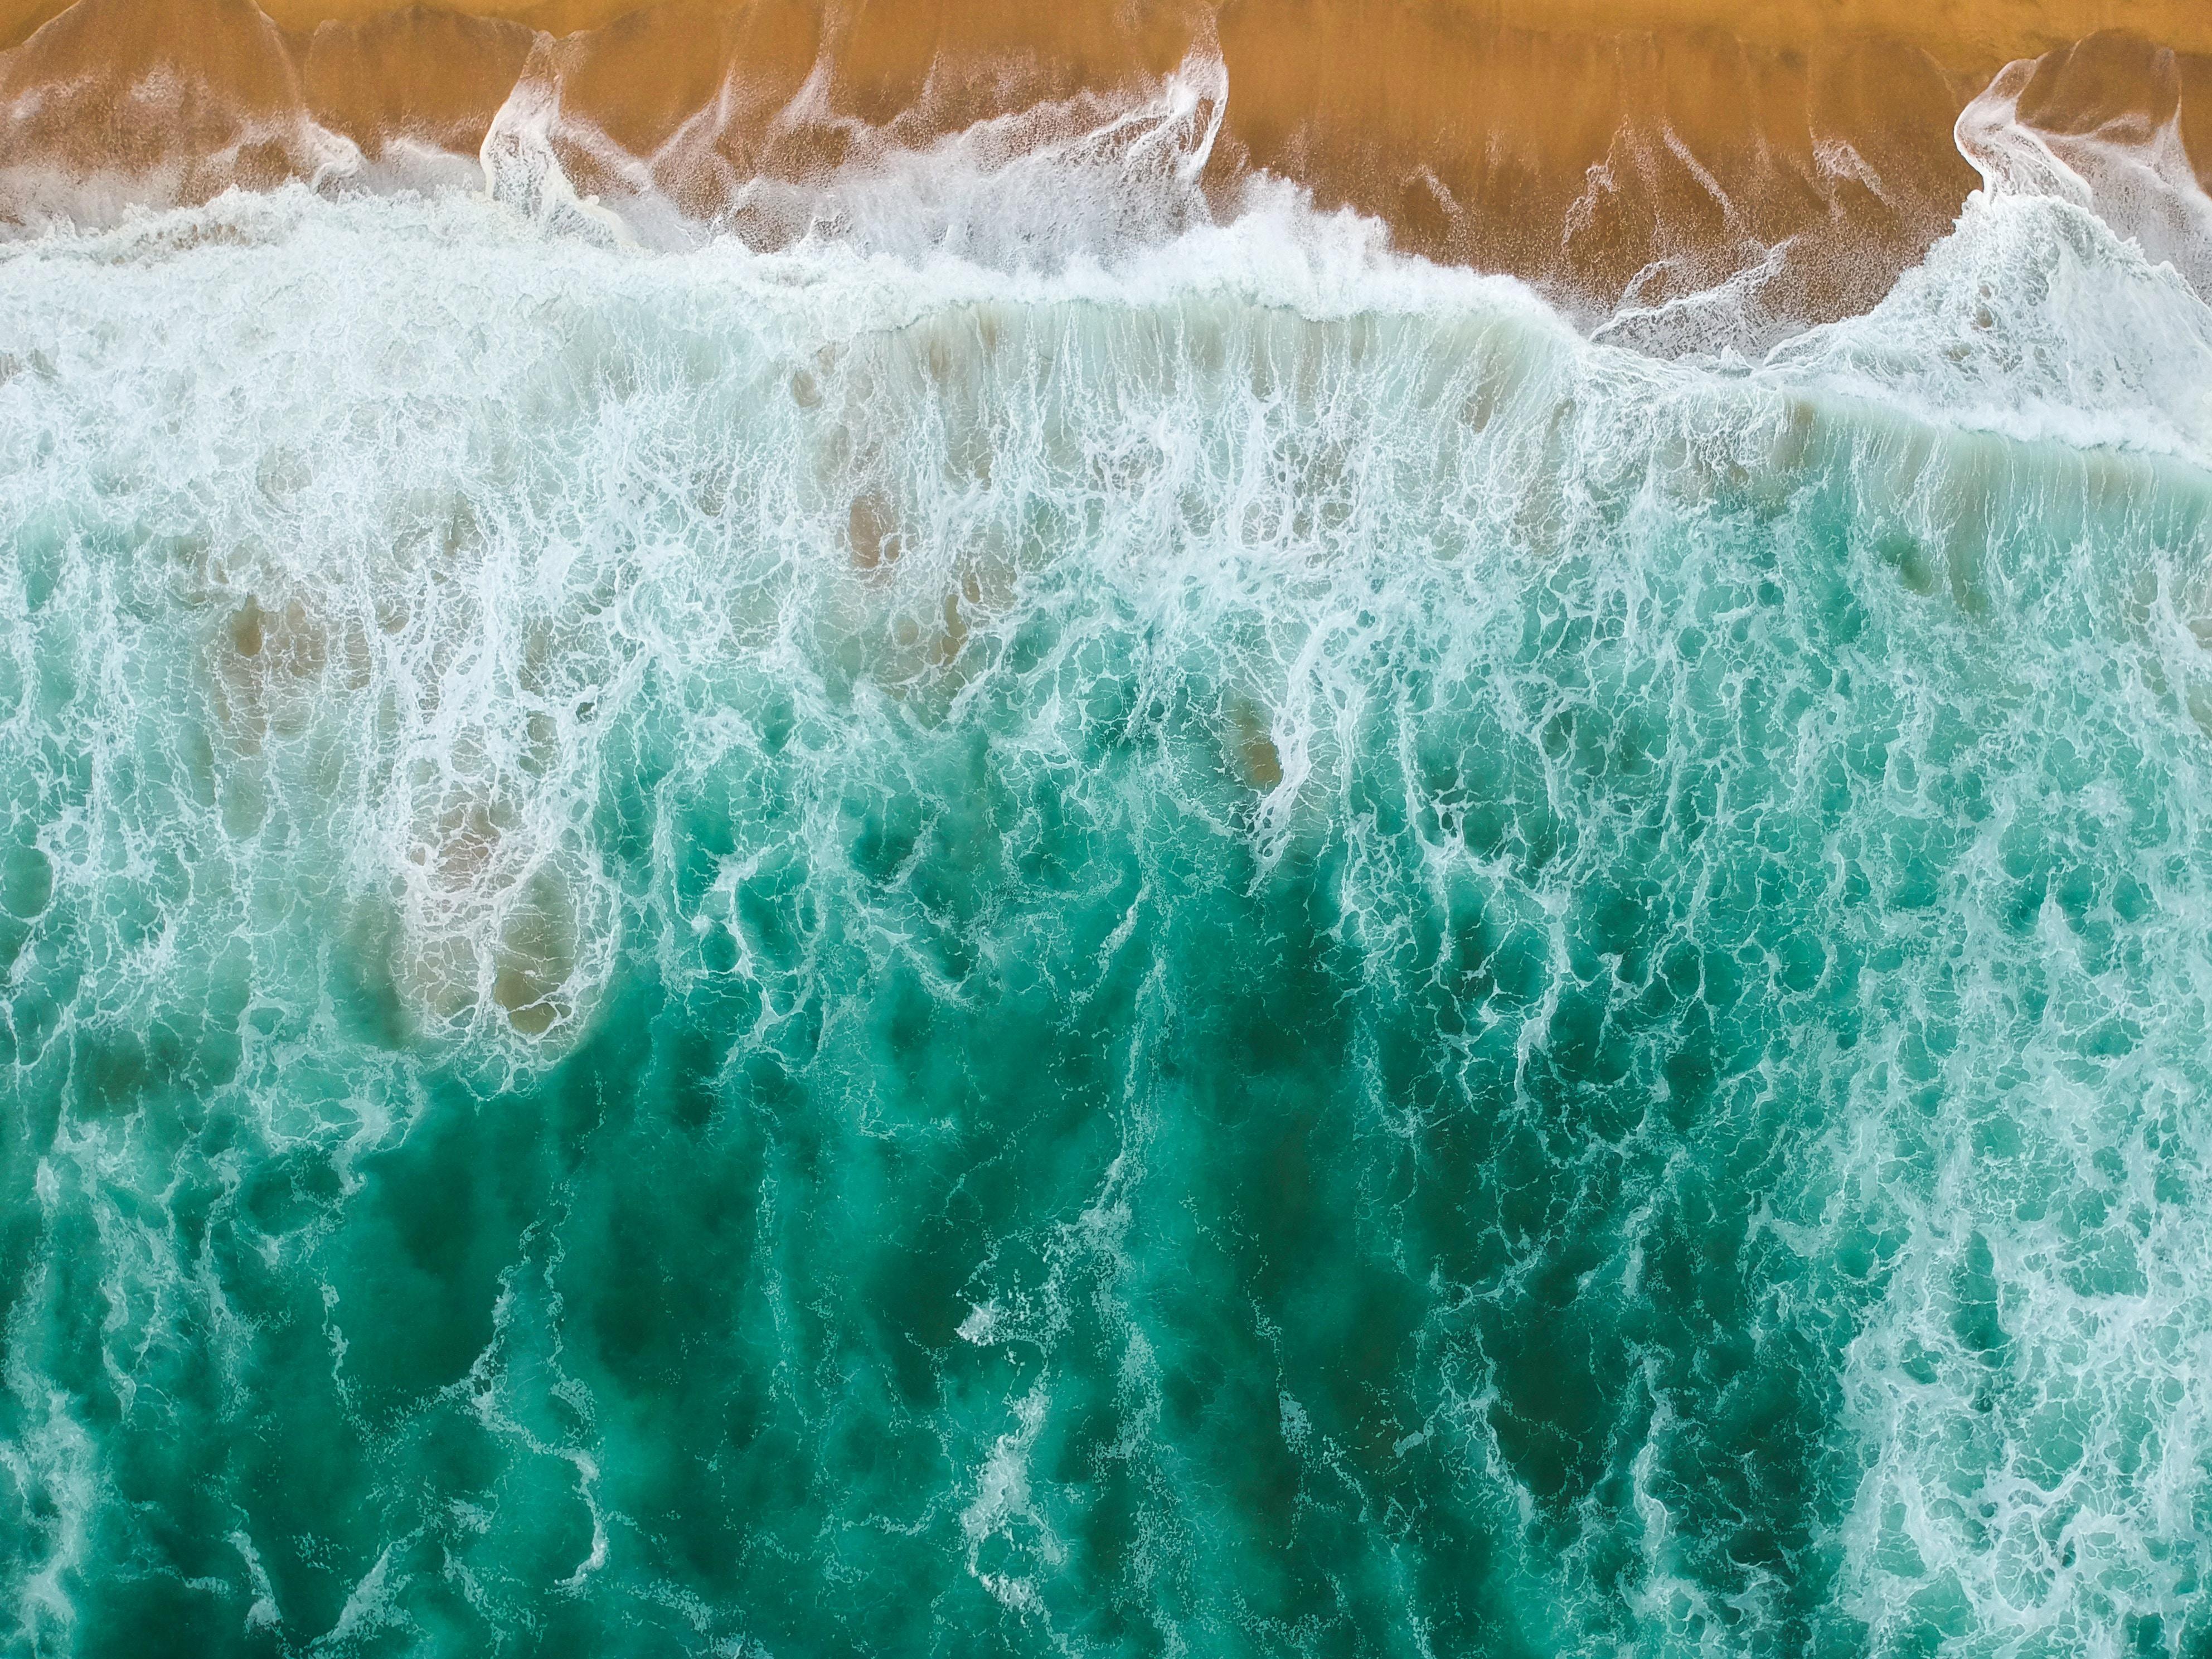 71921 Заставки и Обои Пляж на телефон. Скачать Природа, Море, Пляж, Вид Сверху, Вода, Волны картинки бесплатно